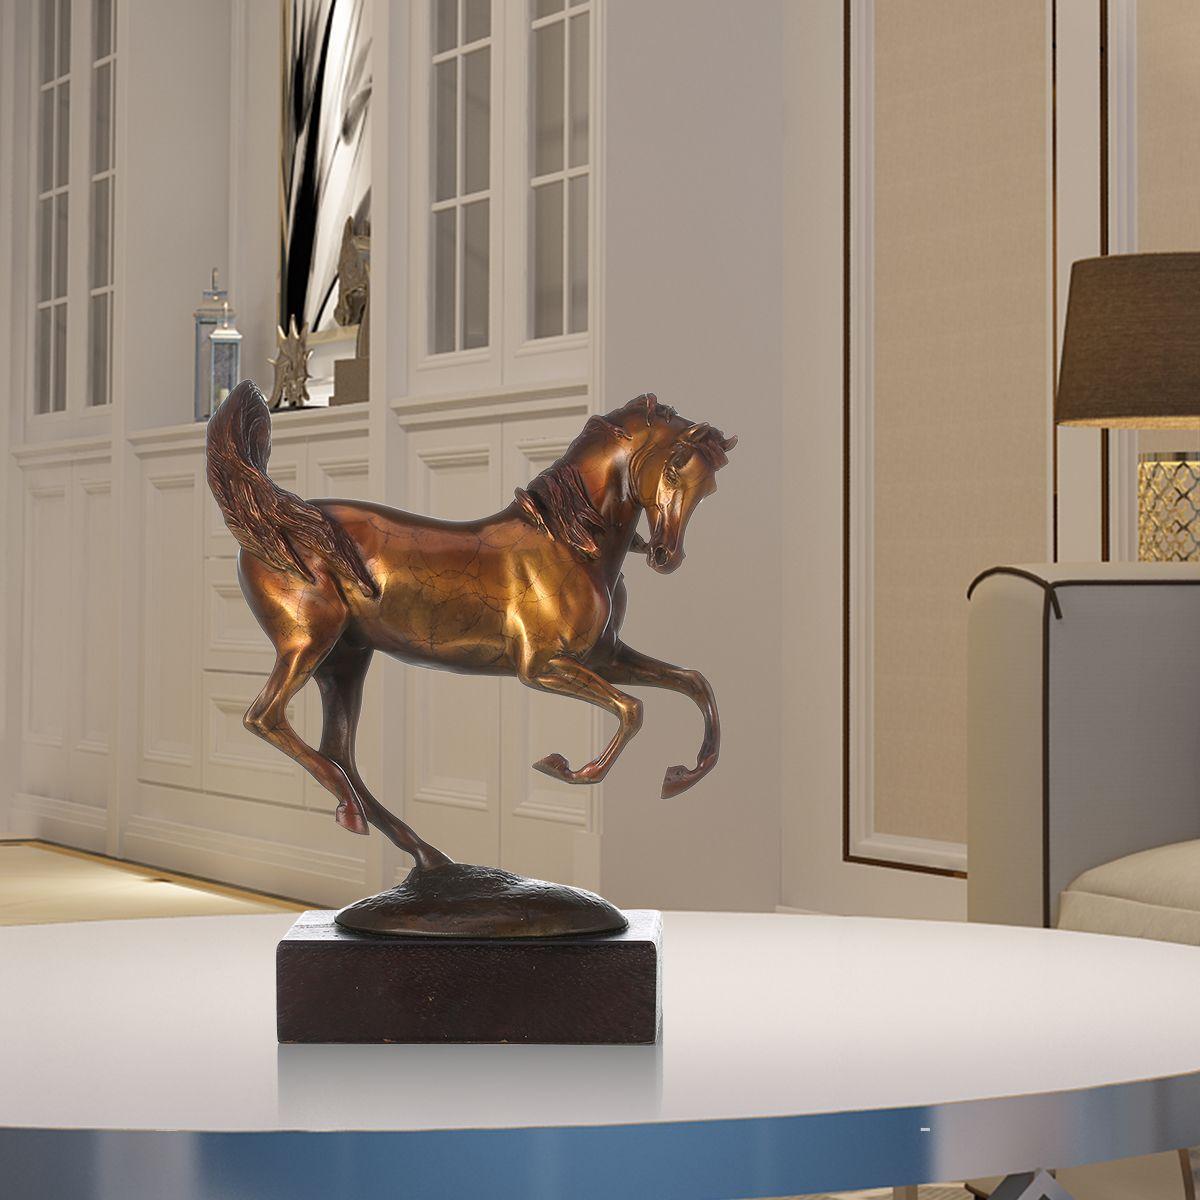 Rushing Horse Tooarts Handmade Bronze Sculpture Modern Art Home Decor